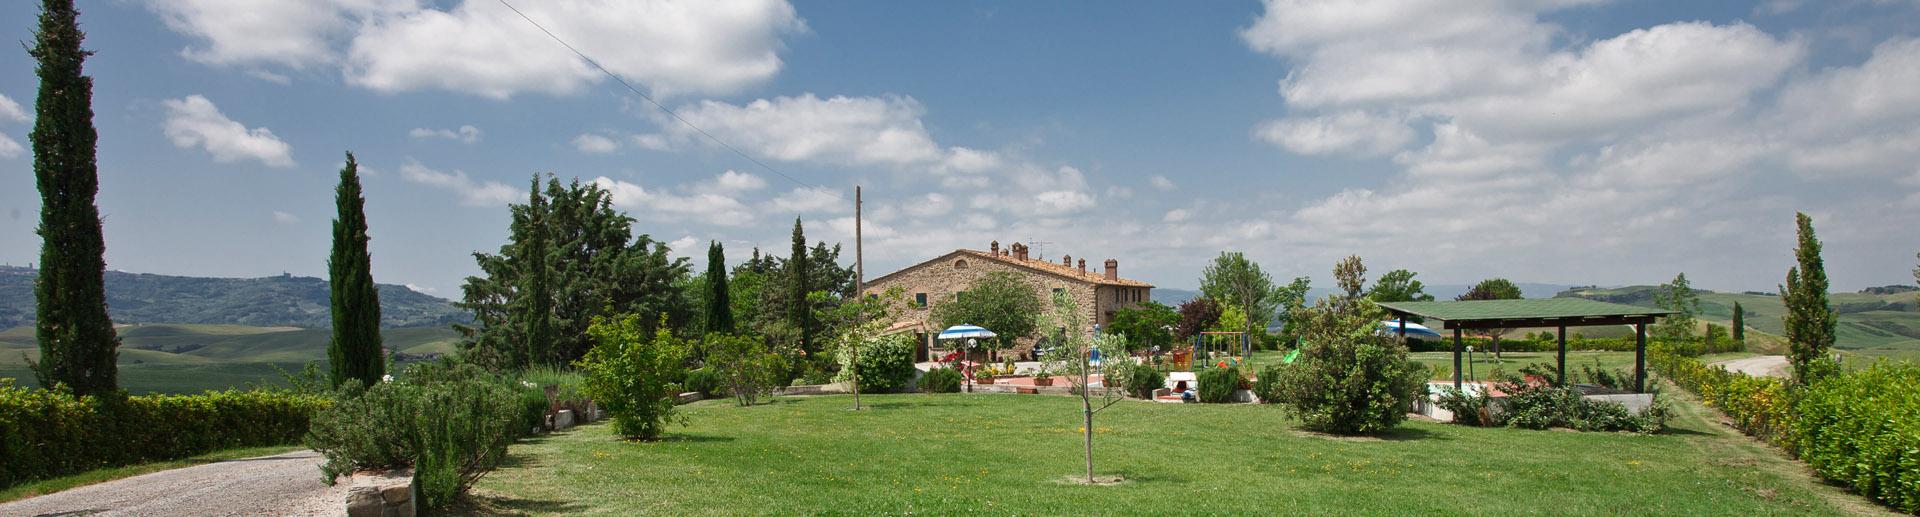 Toskana Volterra: Biobauernhof mit Ferienwohnungen